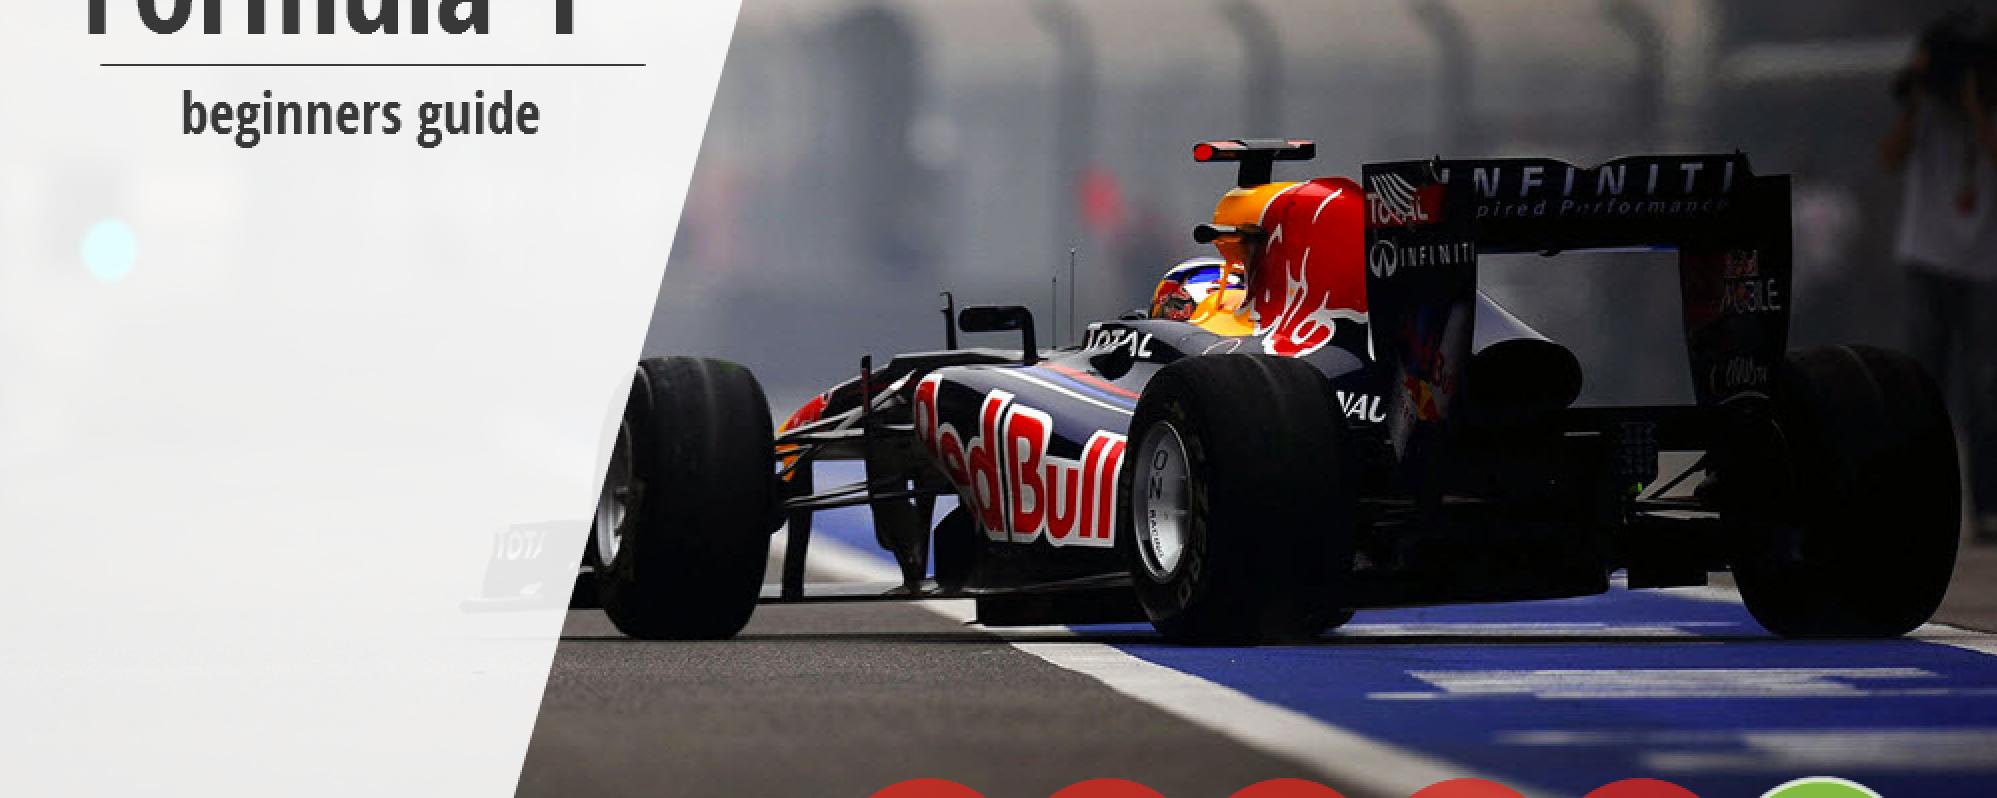 Contest 15: Formula 1